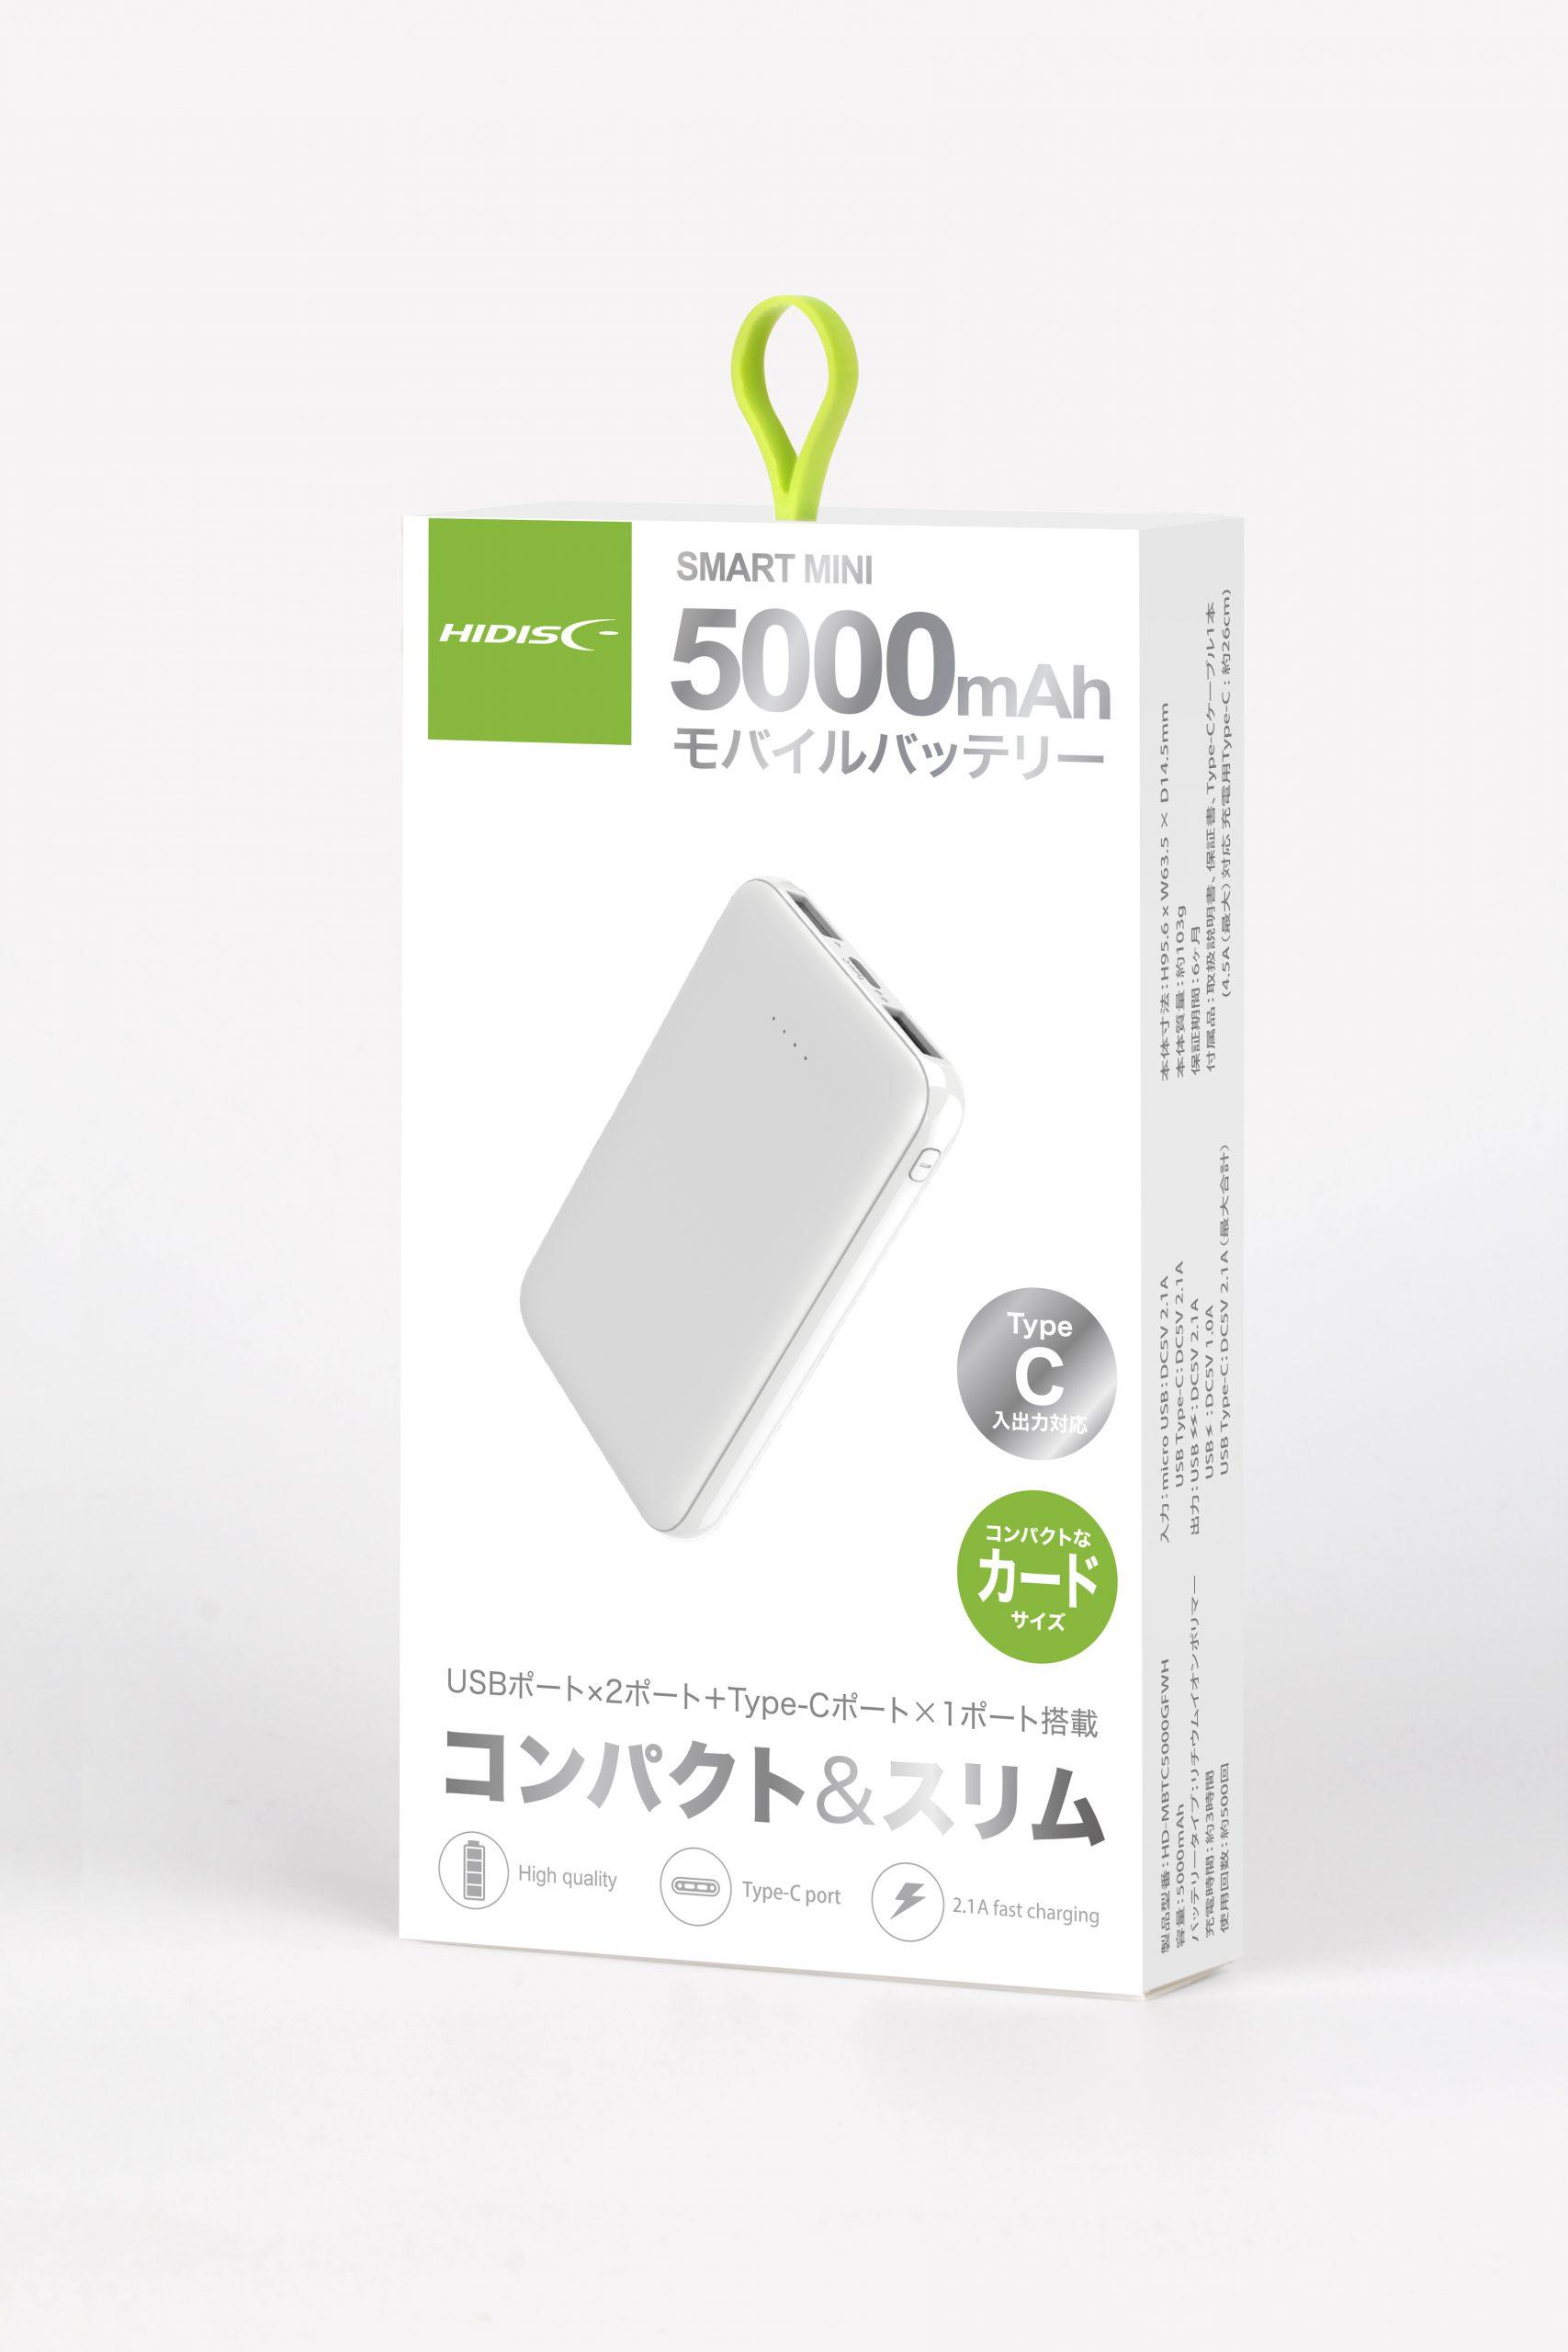 HIDISC SMART MINI Type-C入出力対応モバイルバッテリー5000mAh ホワイト HD-MBTC5000GFWH